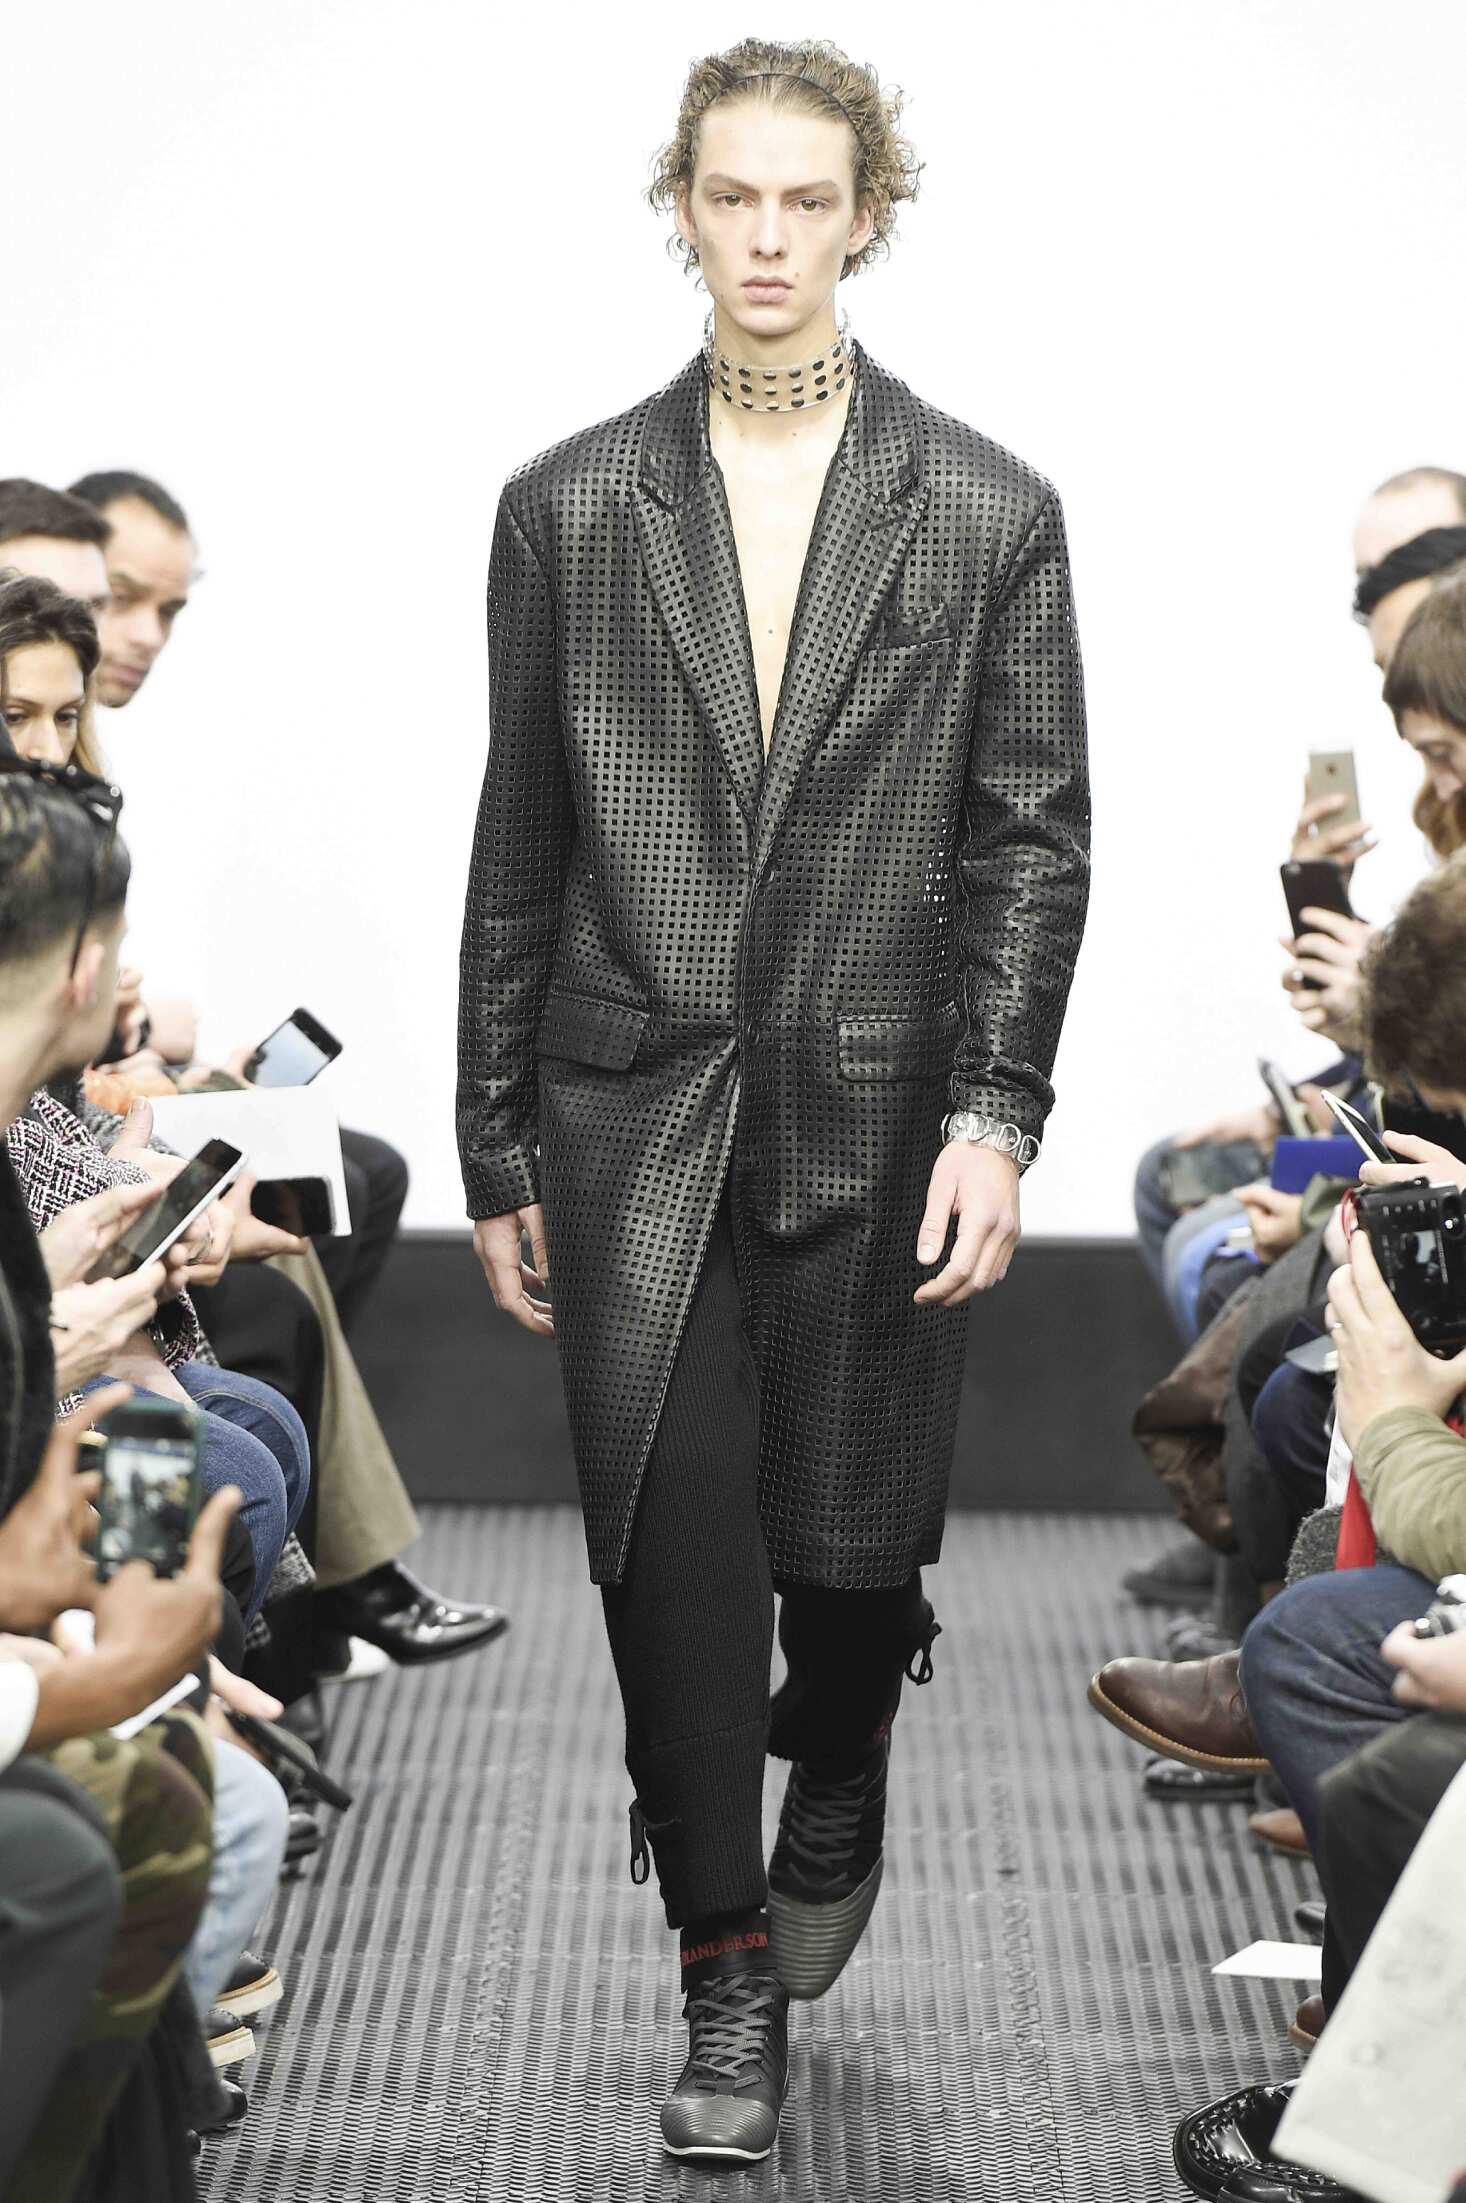 Fall 2016 17 Man Fashion Show J.W. Anderson